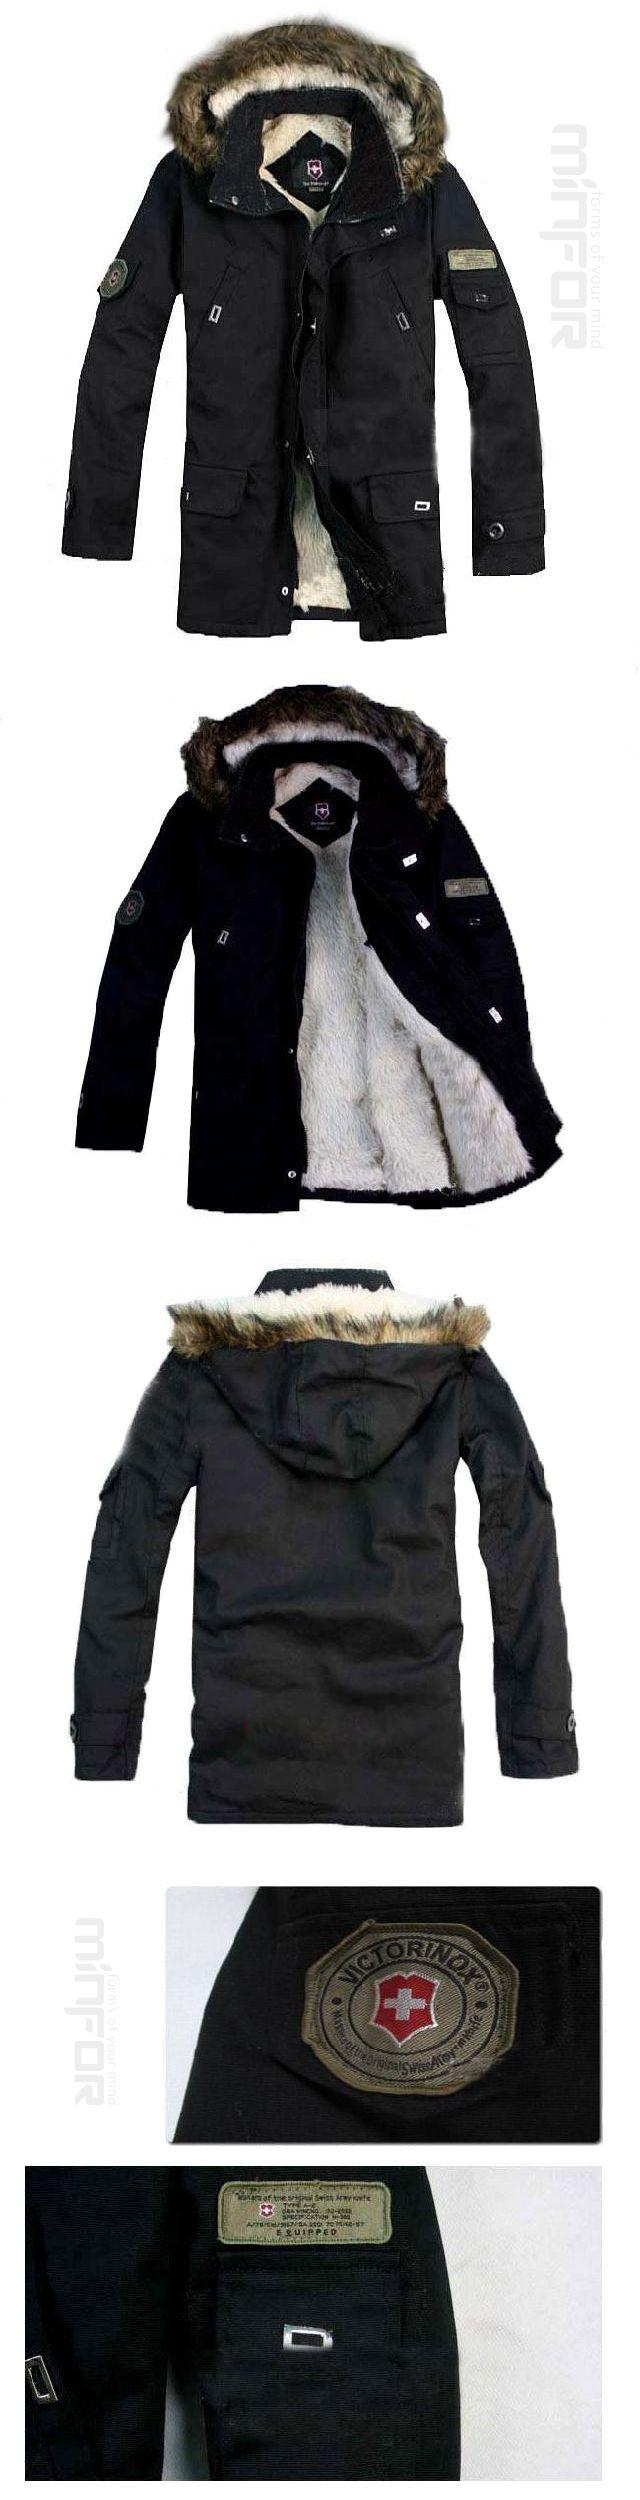 Мужские куртки с мехом. Зимние куртки с мехом. Зимние куртки 2013. Купить зимнюю куртку мужскую. Куртки VICTORINOX.